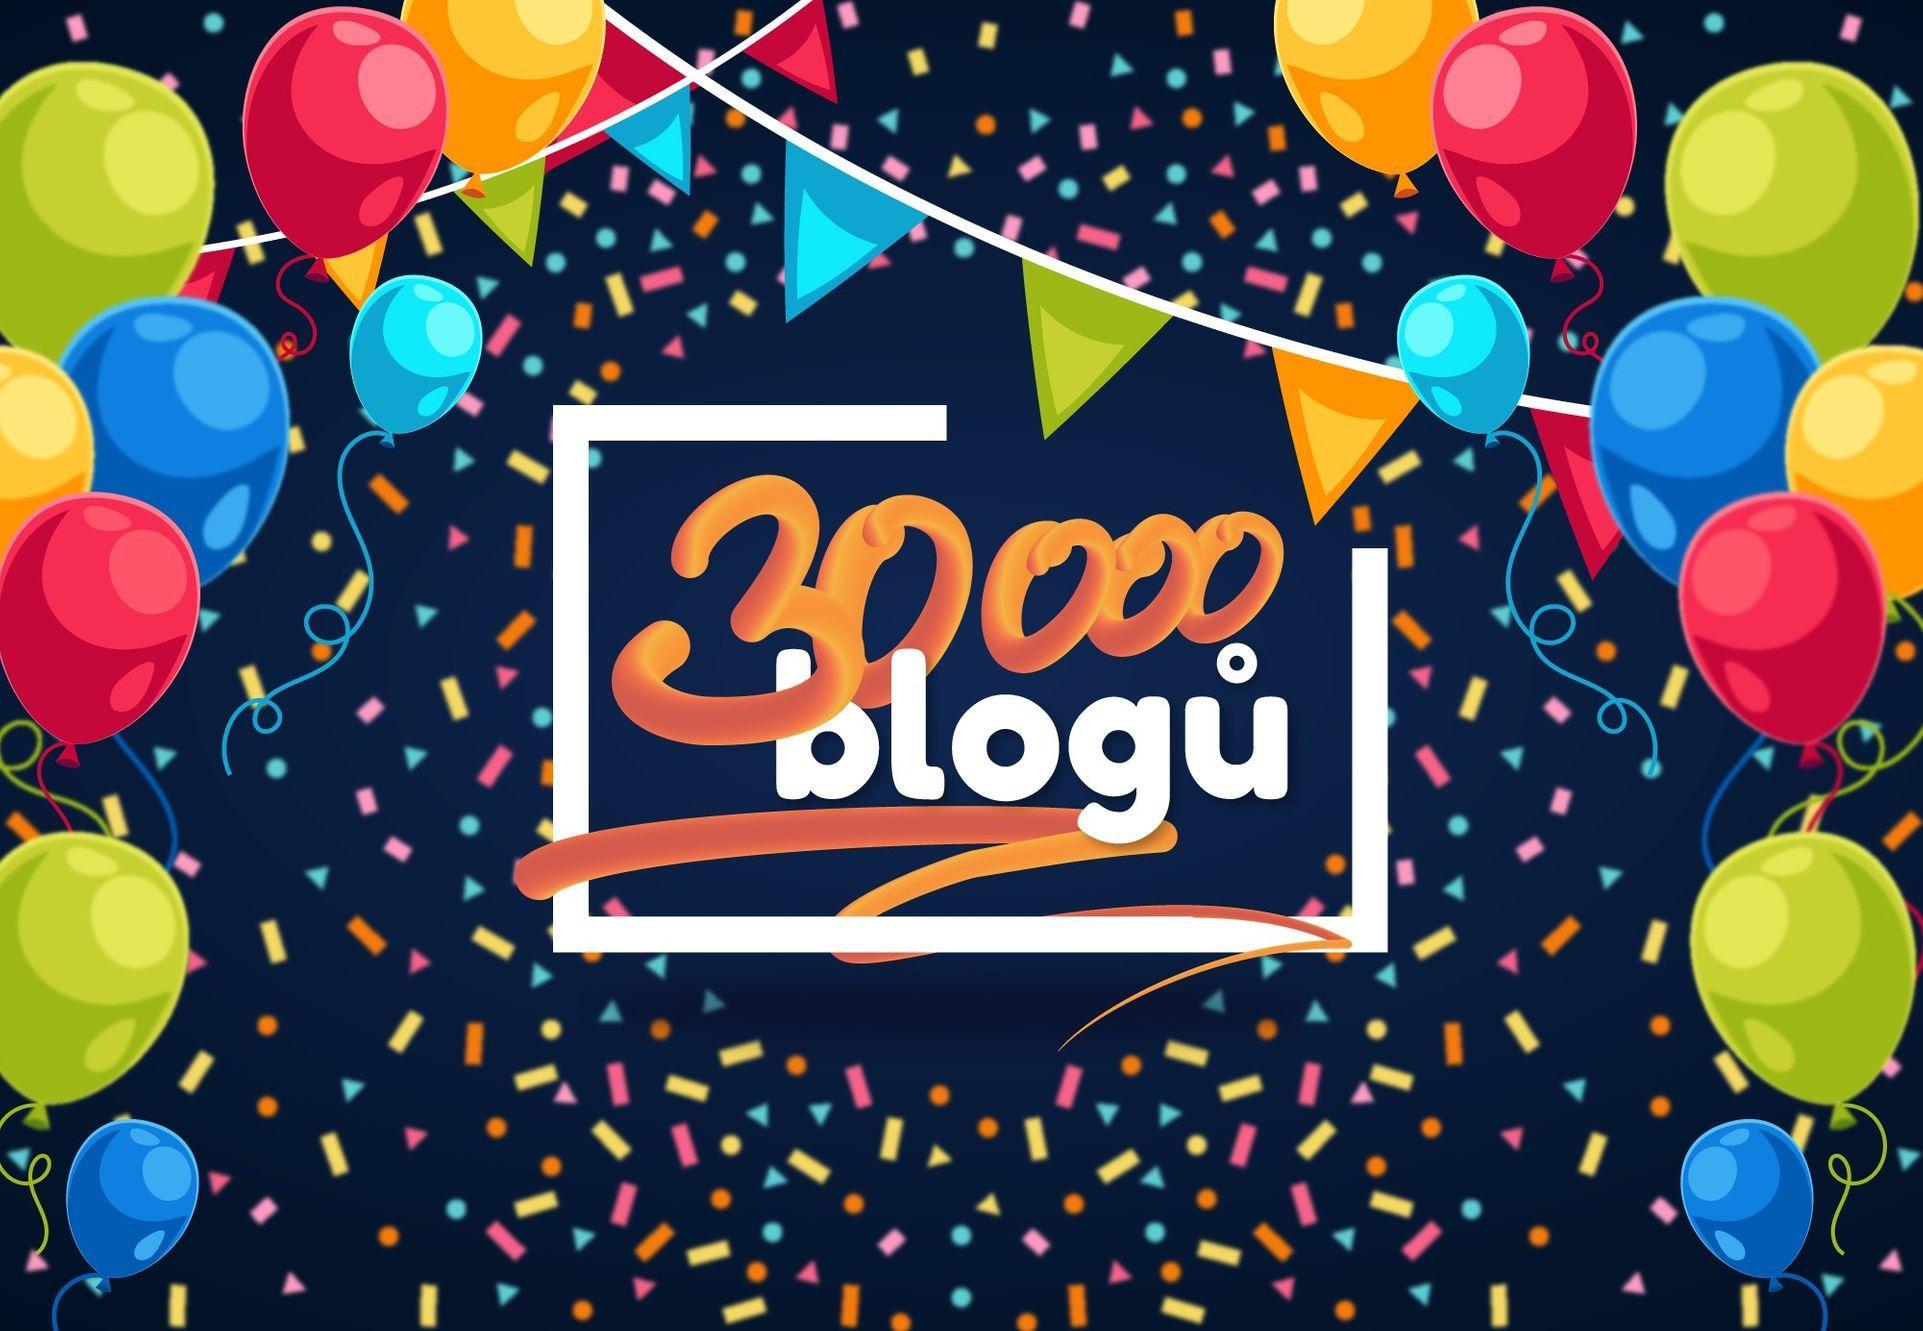 Aktuálně Cz: 30 000 Blogů Na Aktuálně.cz. Blogeři Plní Knihovnu Už